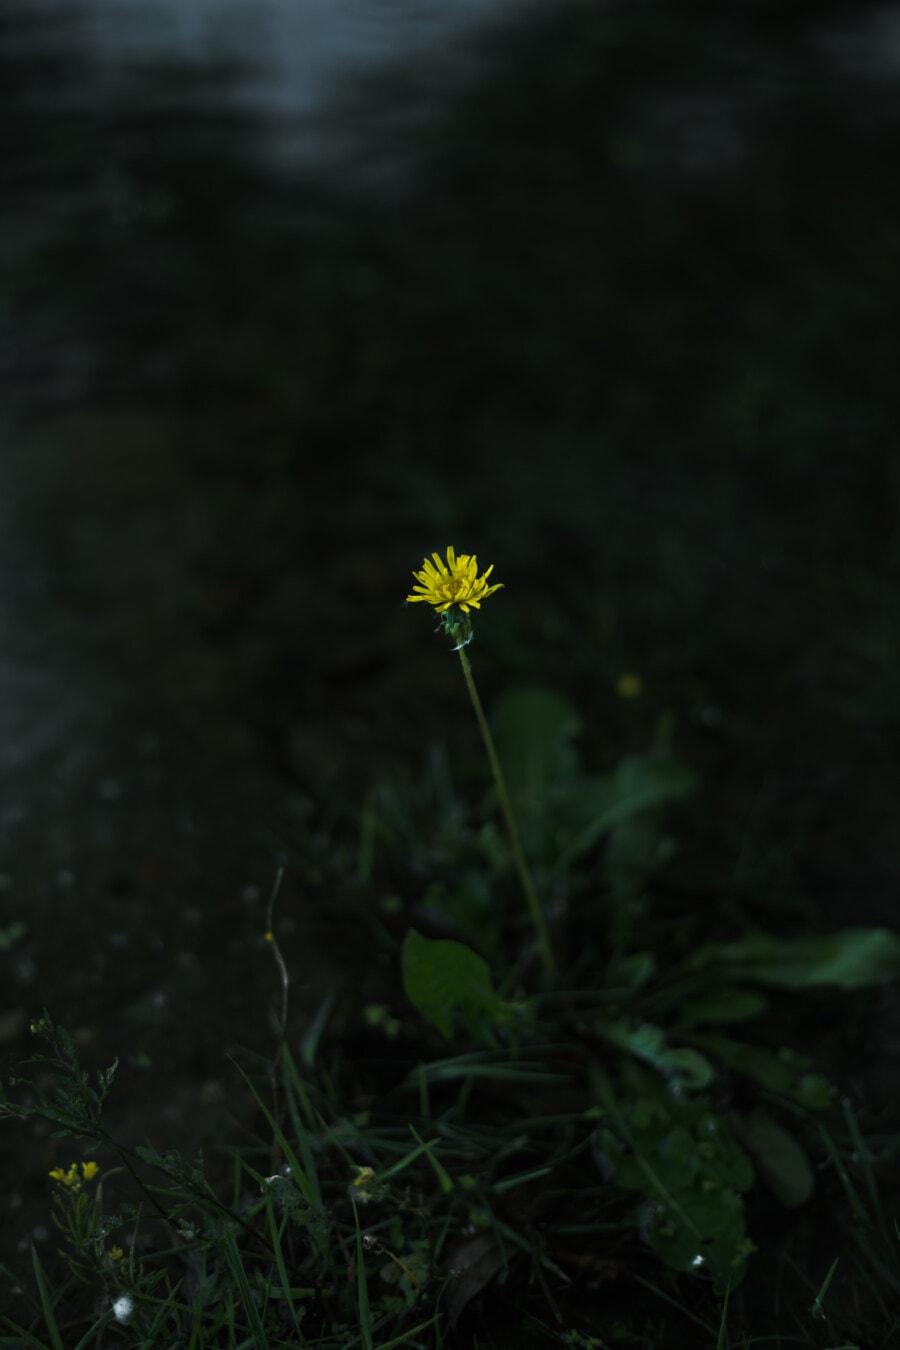 varjo, pimeys, Voikukka, tummanvihreä, Vihreät lehdet, kukka, kukka, yrtti, keltainen, niitty